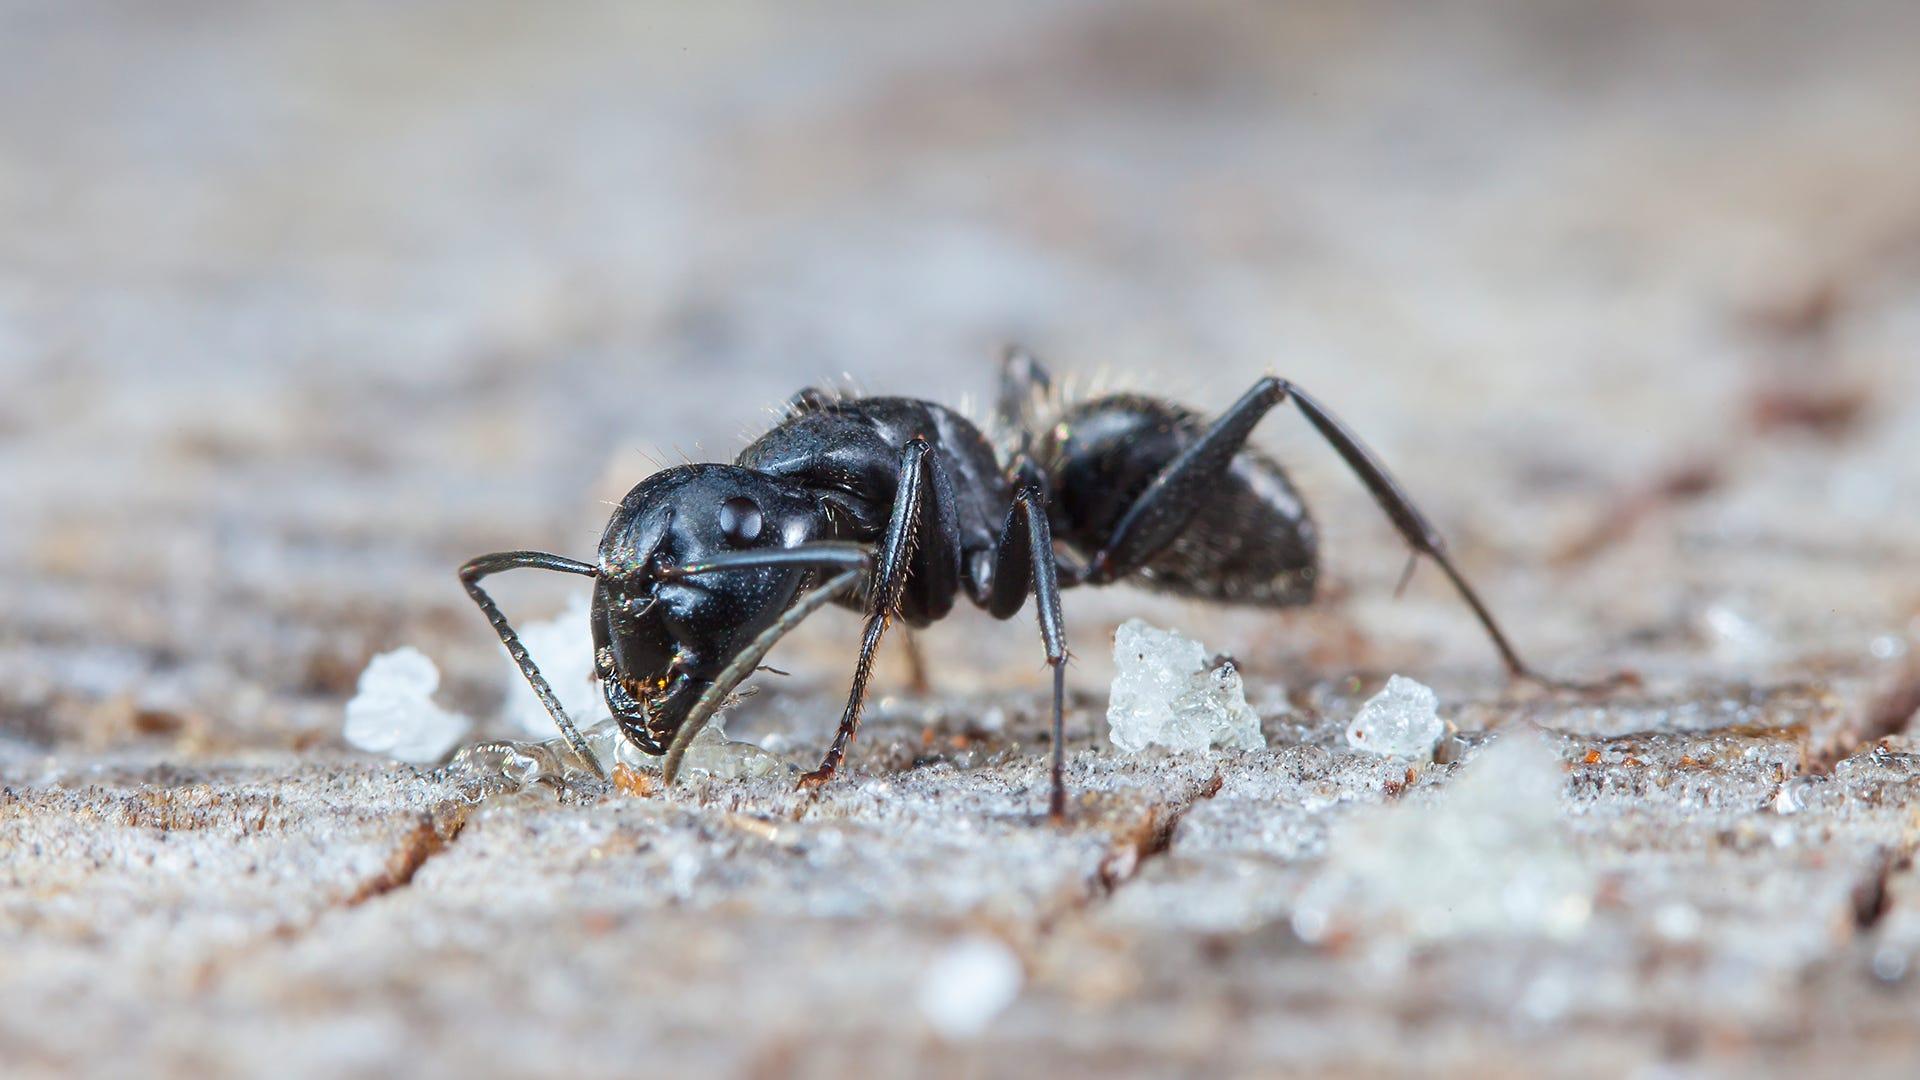 Common Household Ants